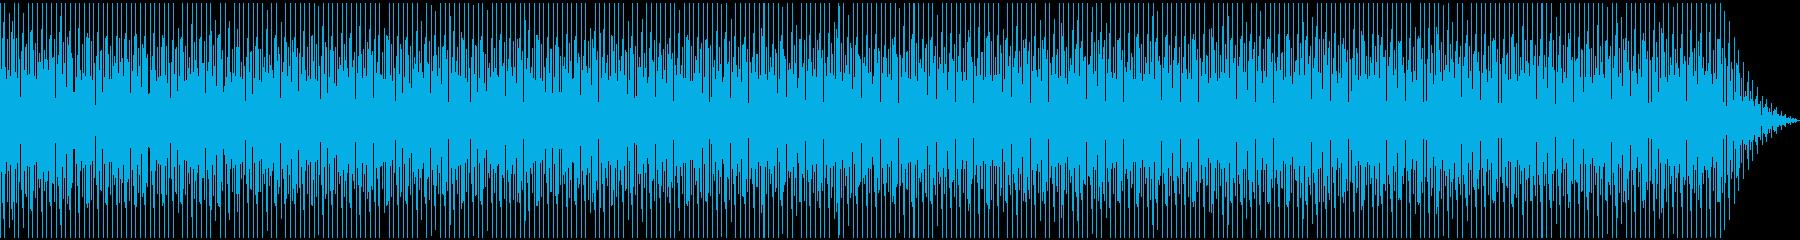 シンプルでオシャレなクラップとストンプの再生済みの波形